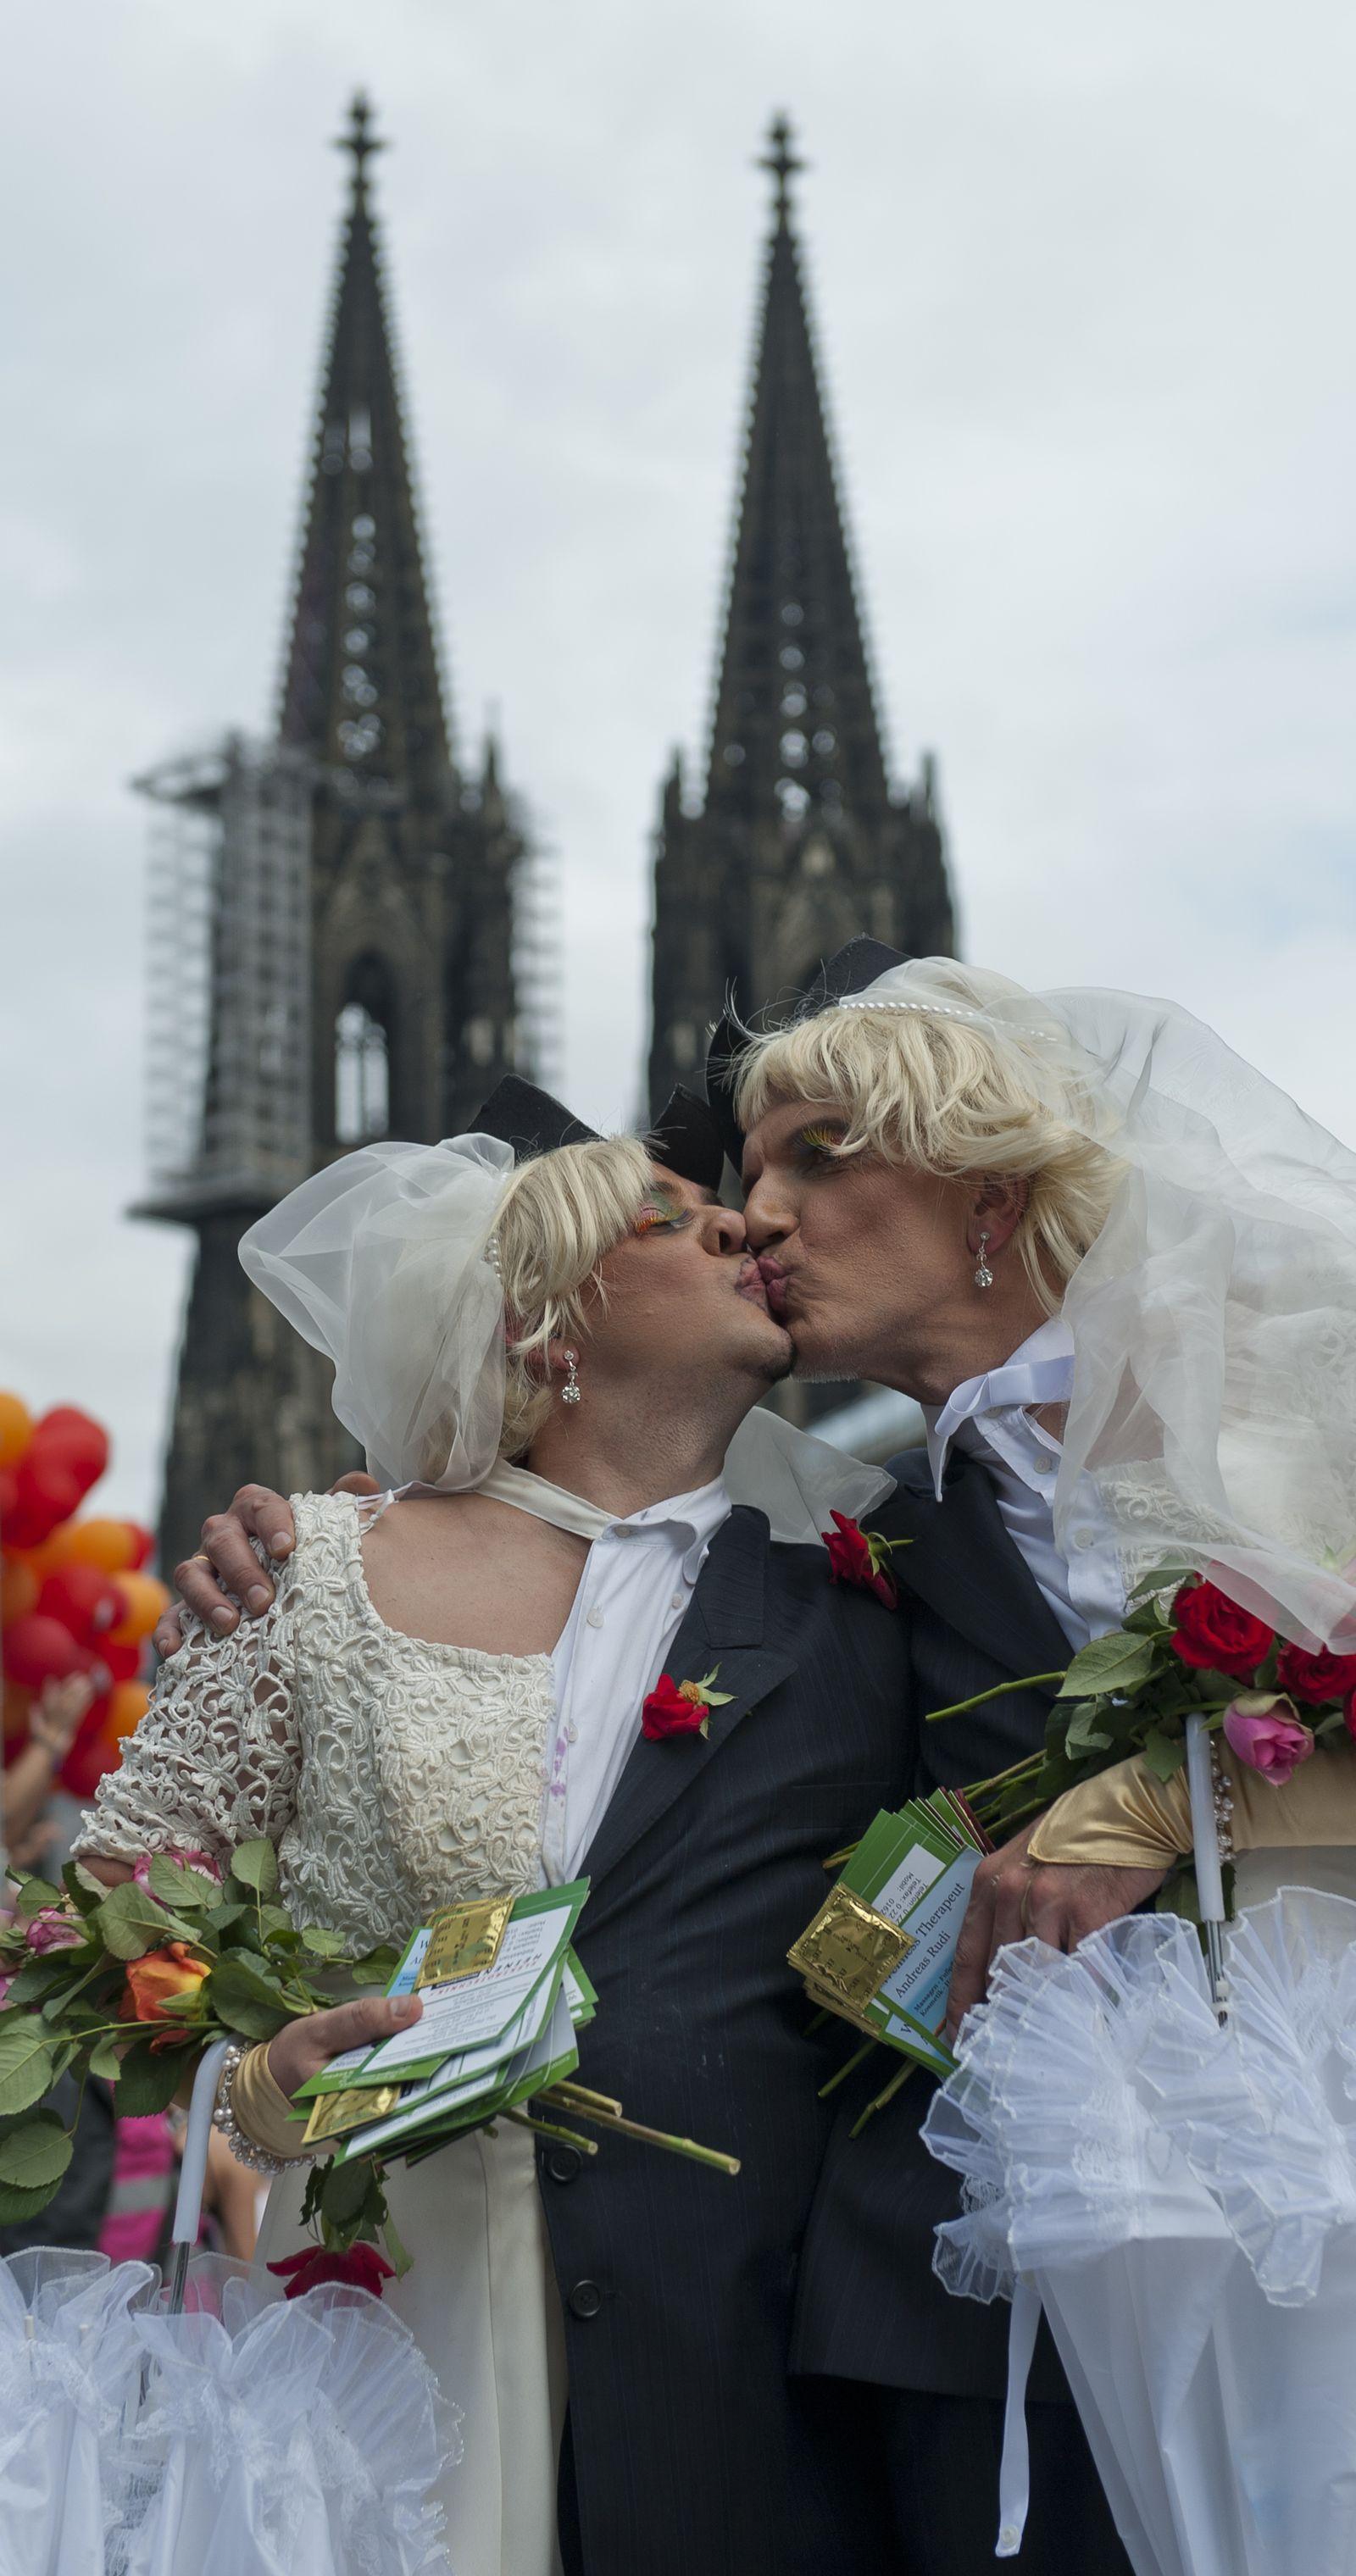 NICHT VERWENDEN Gesellschaft/Homosexualitaet Christopher Street Day Köln